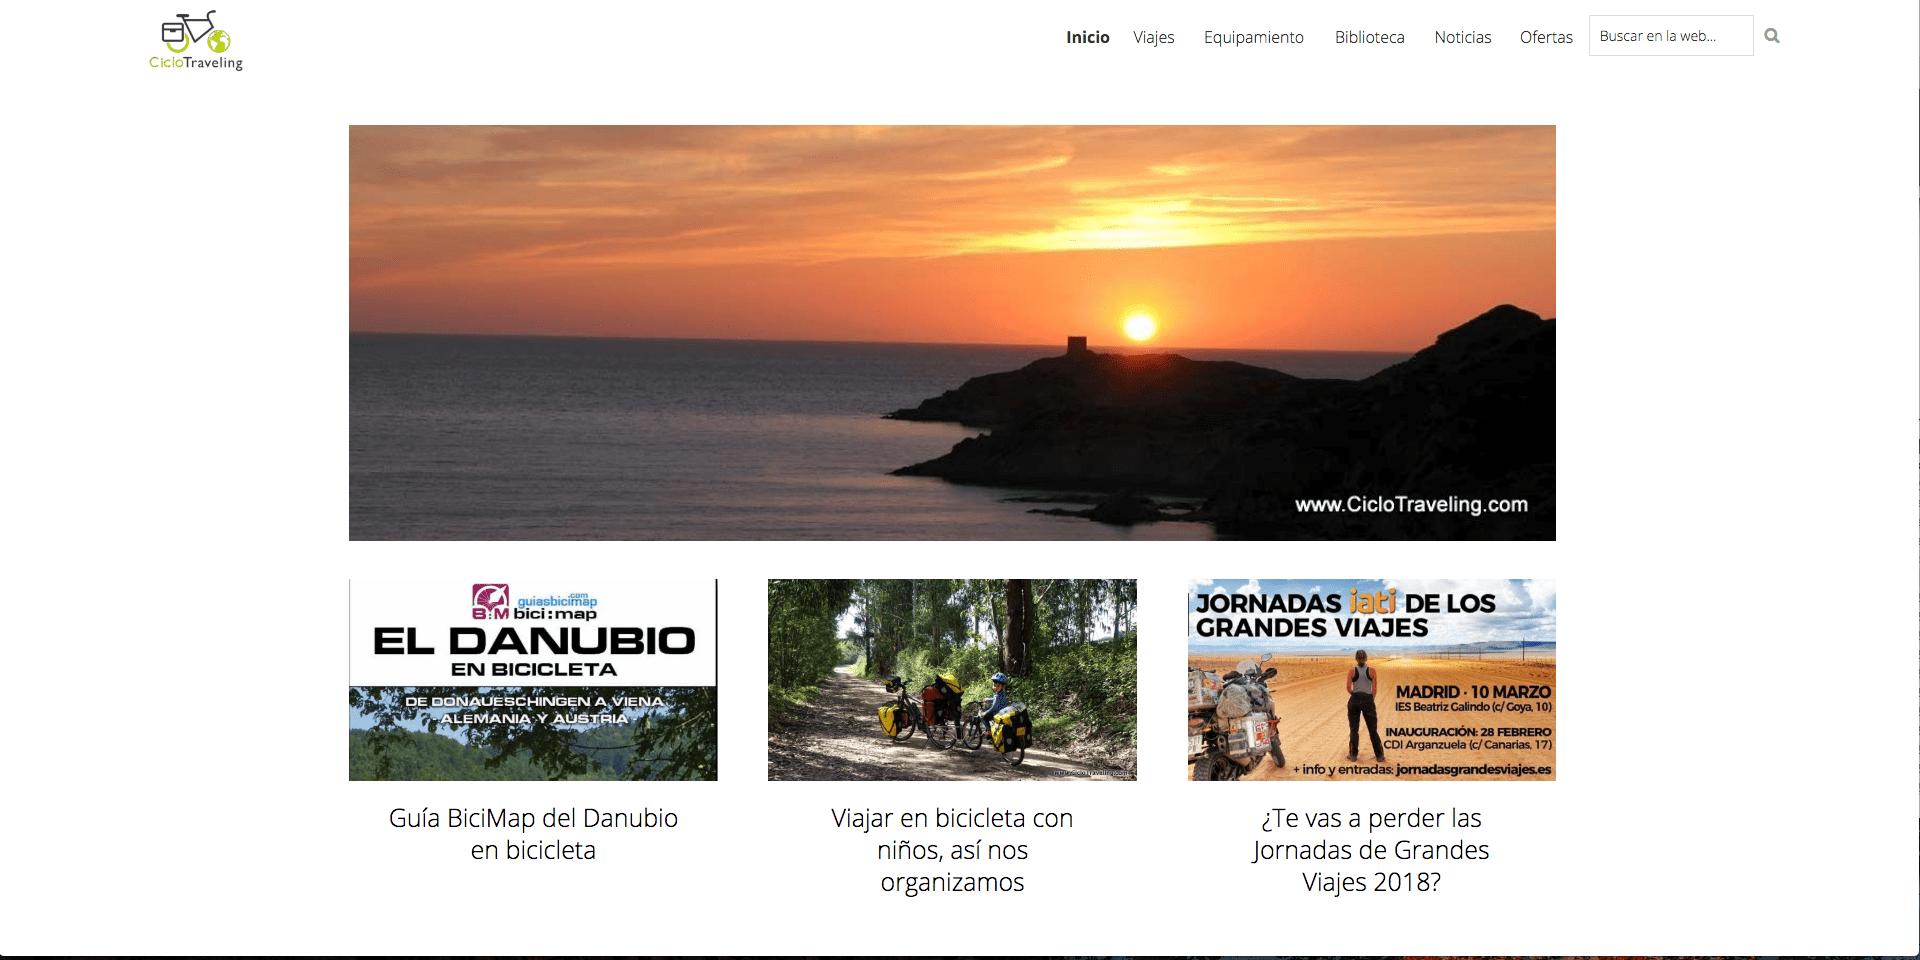 CicloTraveling.com